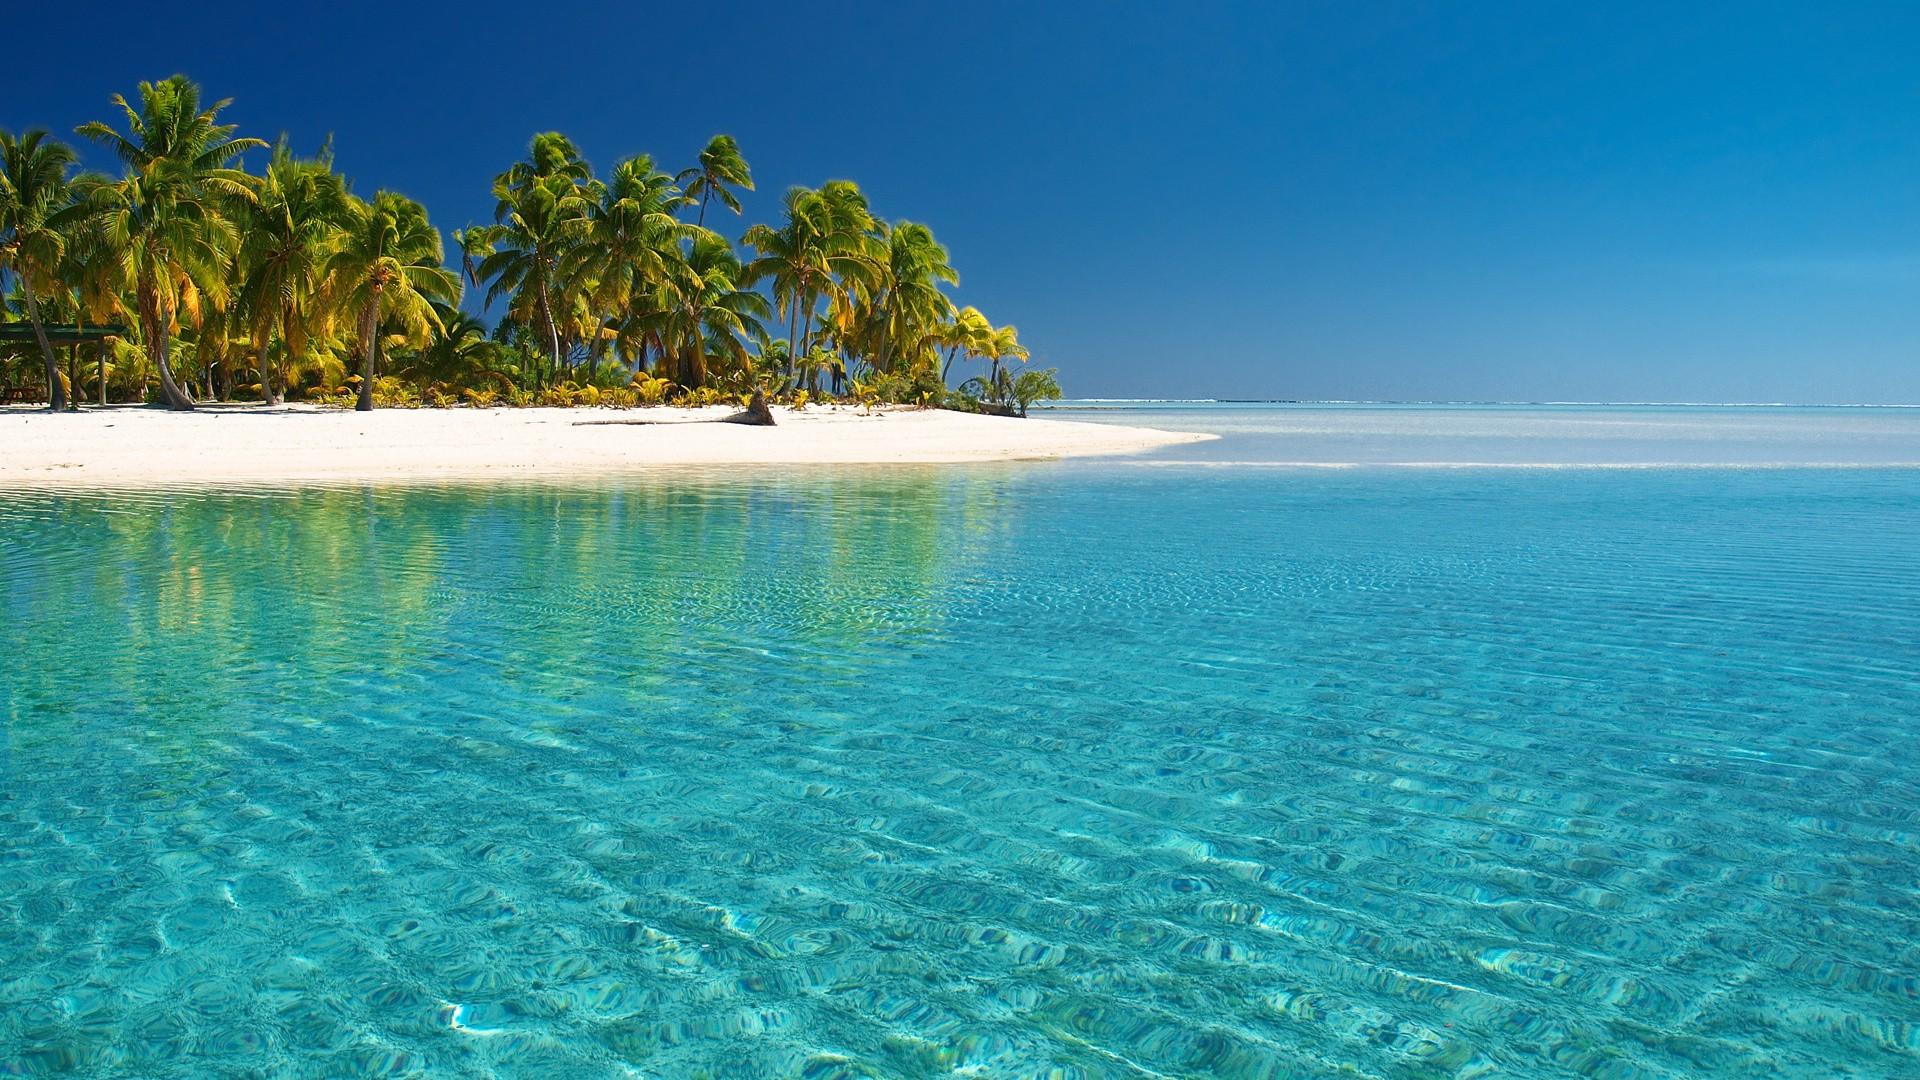 обои море пляж на рабочий стол скачать бесплатно 1920x1080 № 230455 загрузить